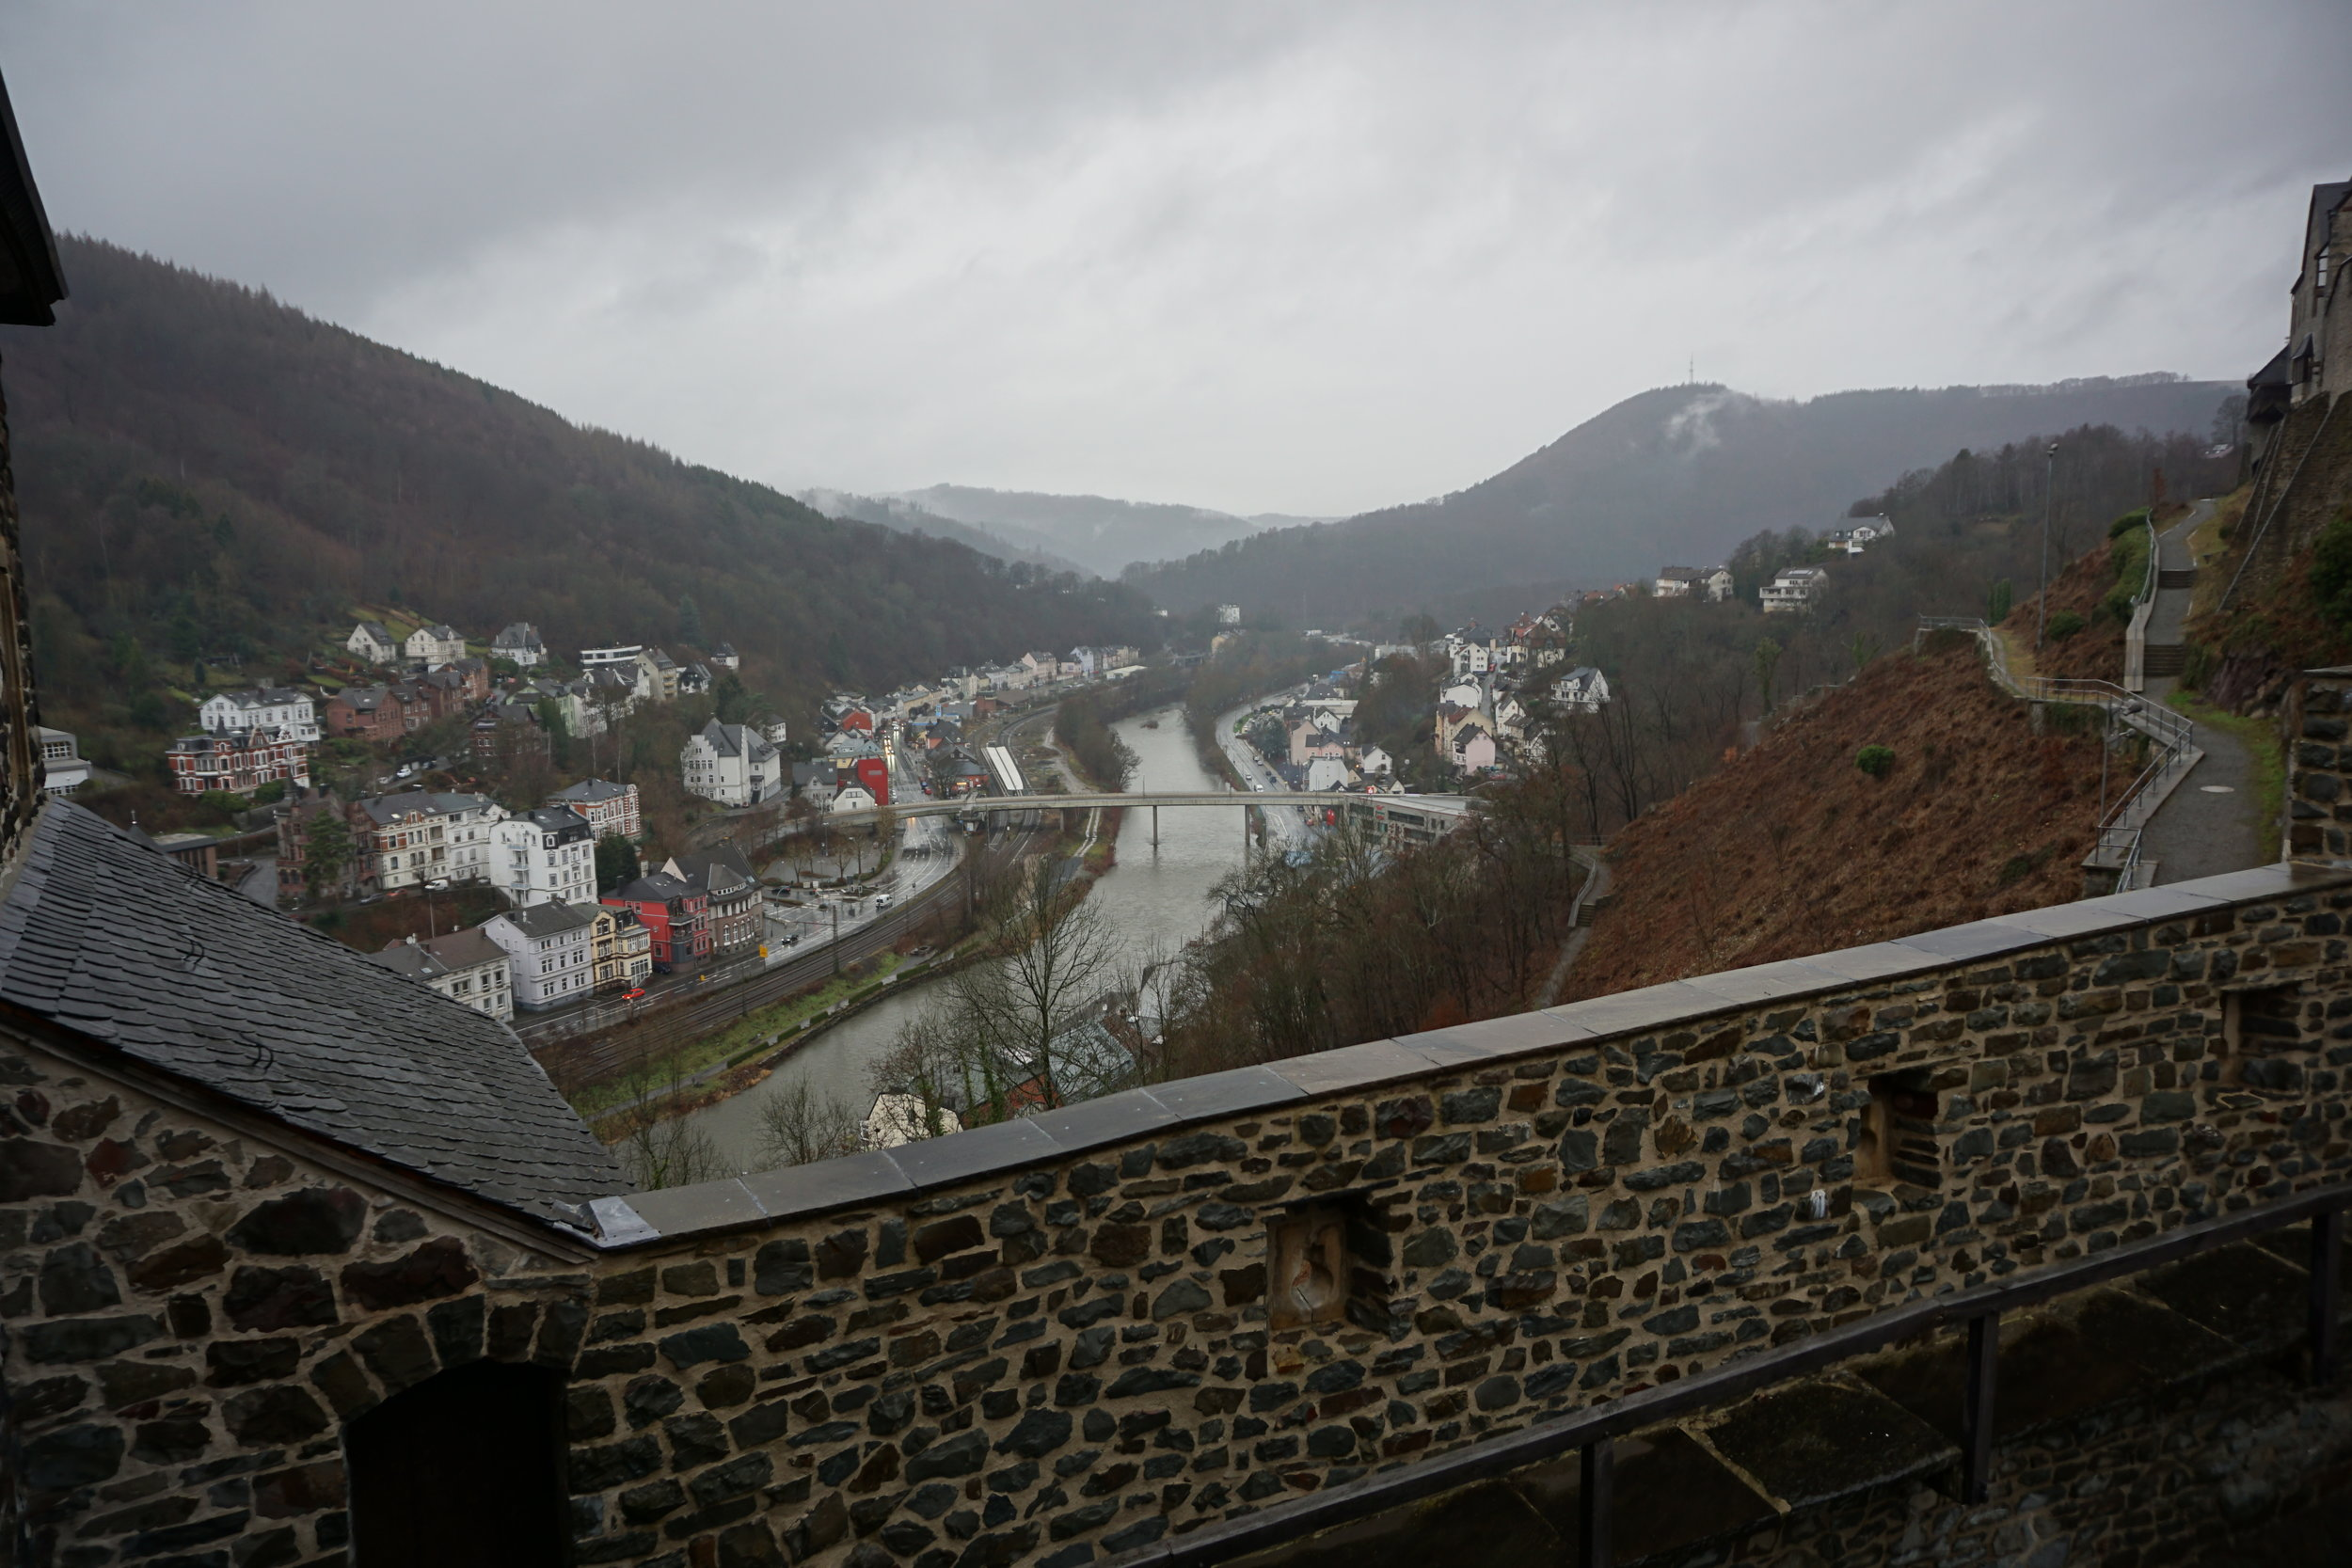 DSC03614 View from Burg Altena.JPG